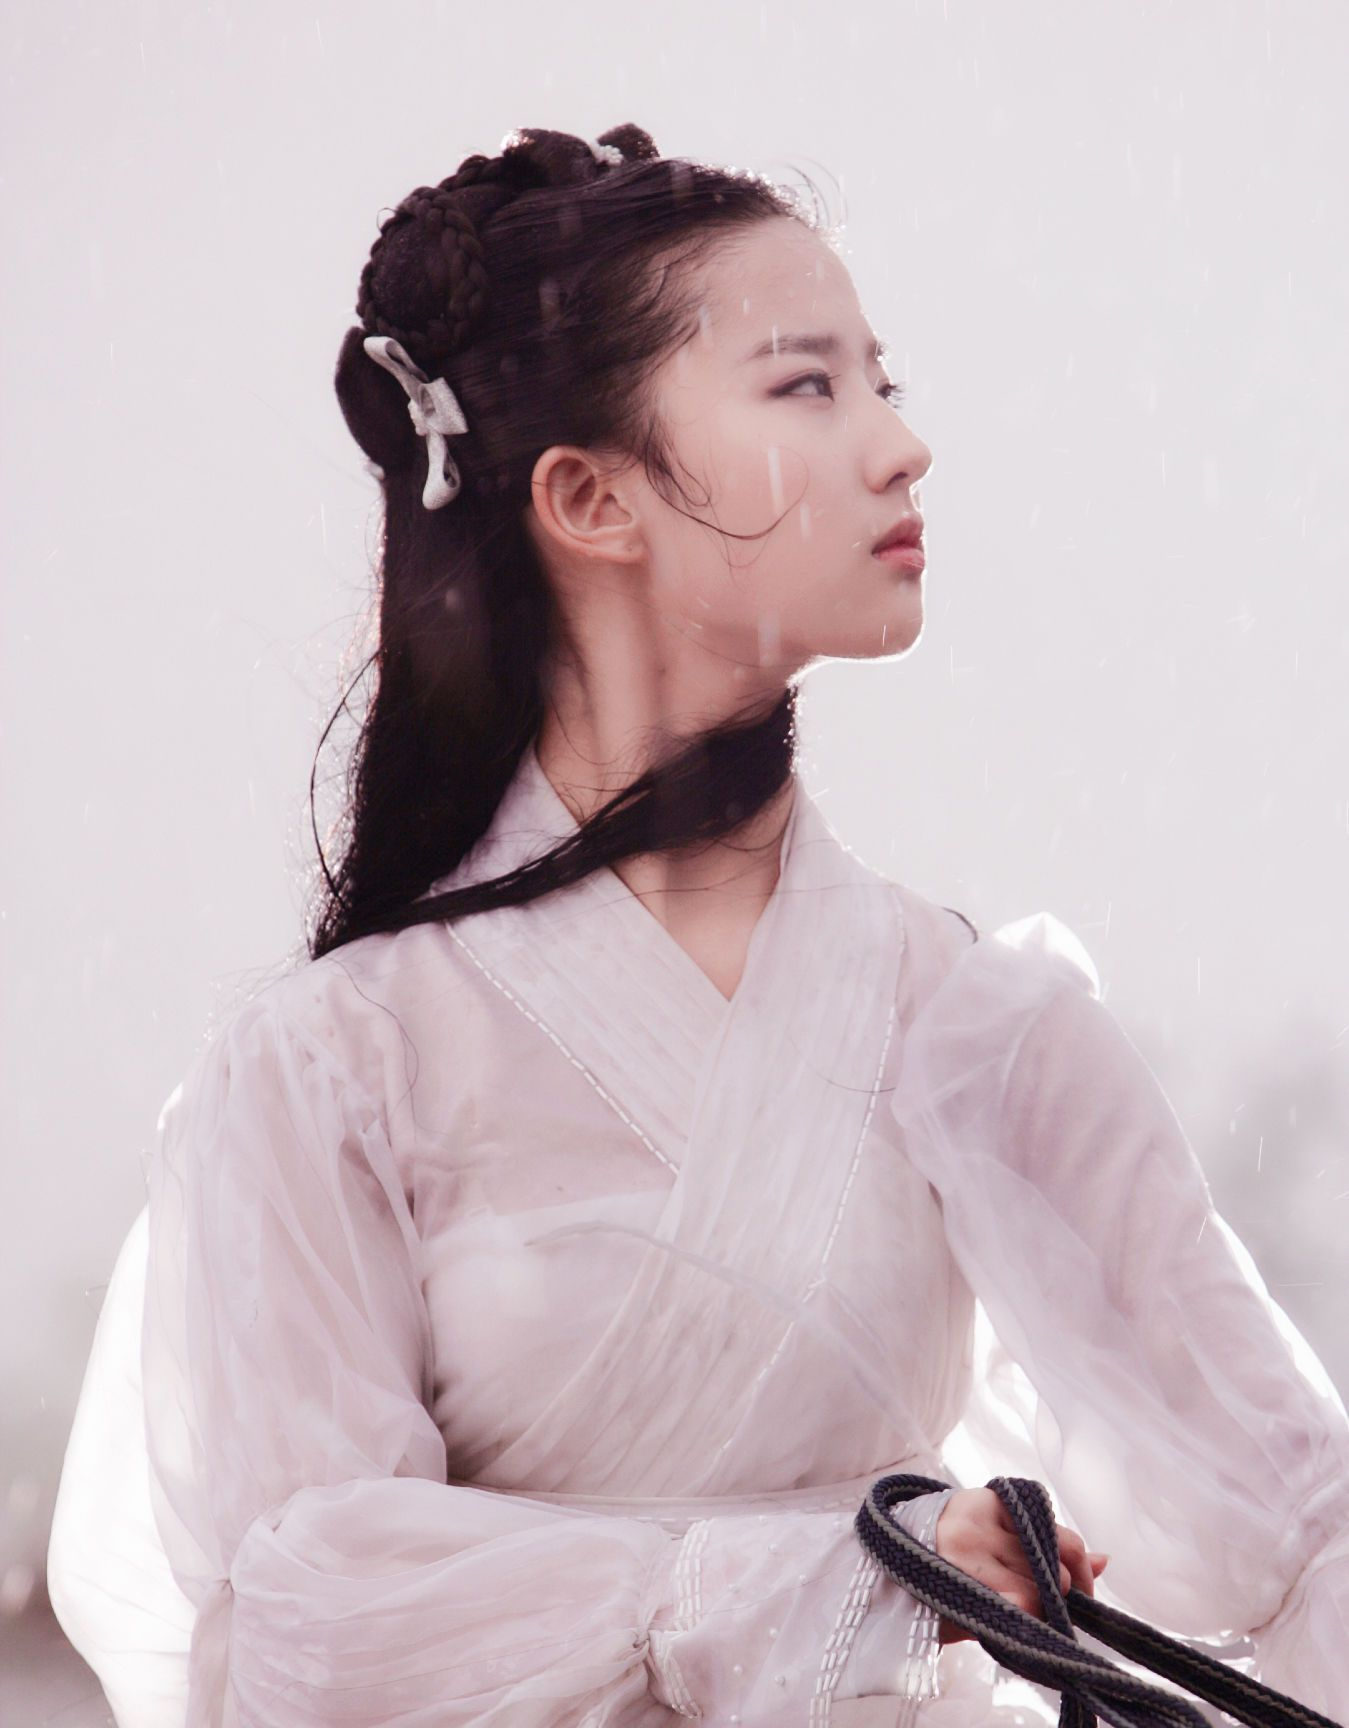 刘亦菲美貌、高挑的身材,鹅蛋型的脸庞,穿起古装来很有气质!